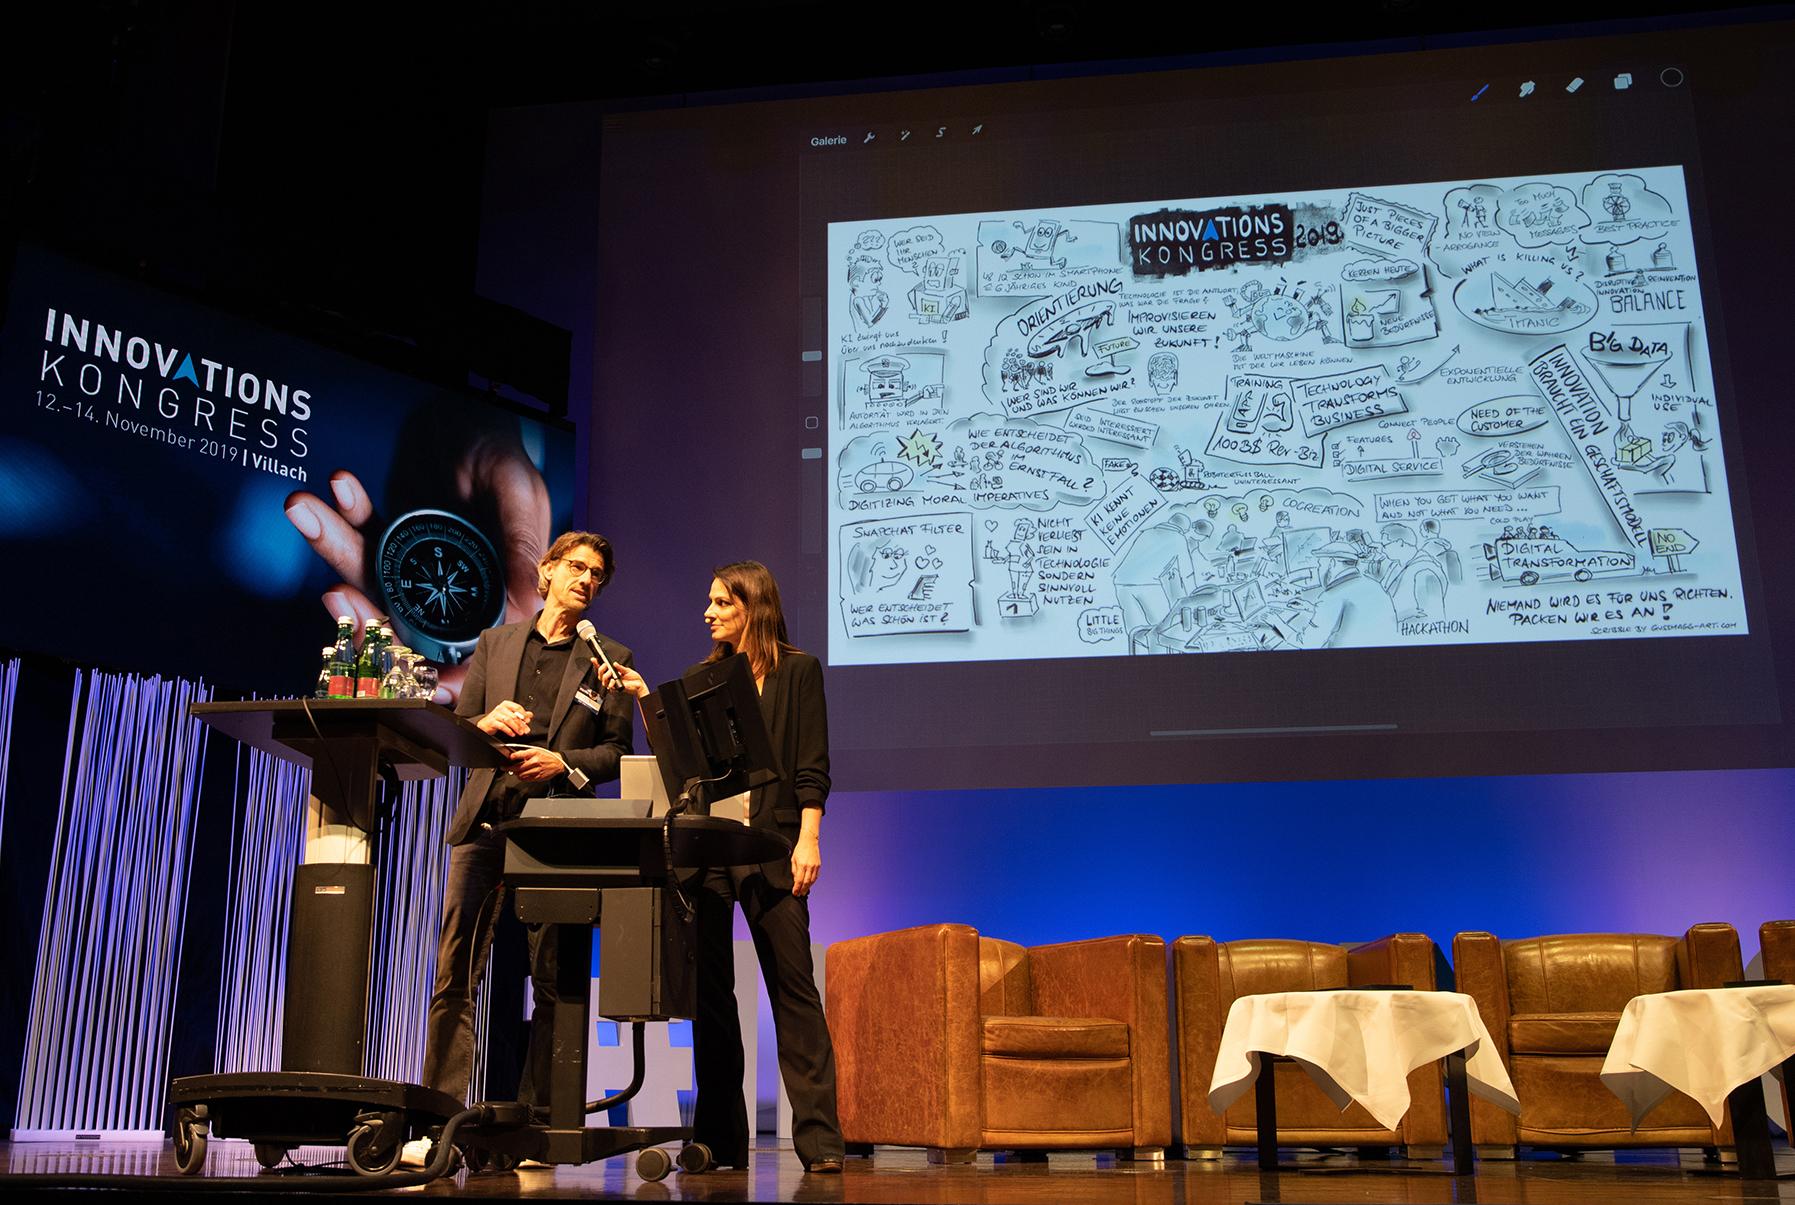 Innovationskongress 2019 Villach